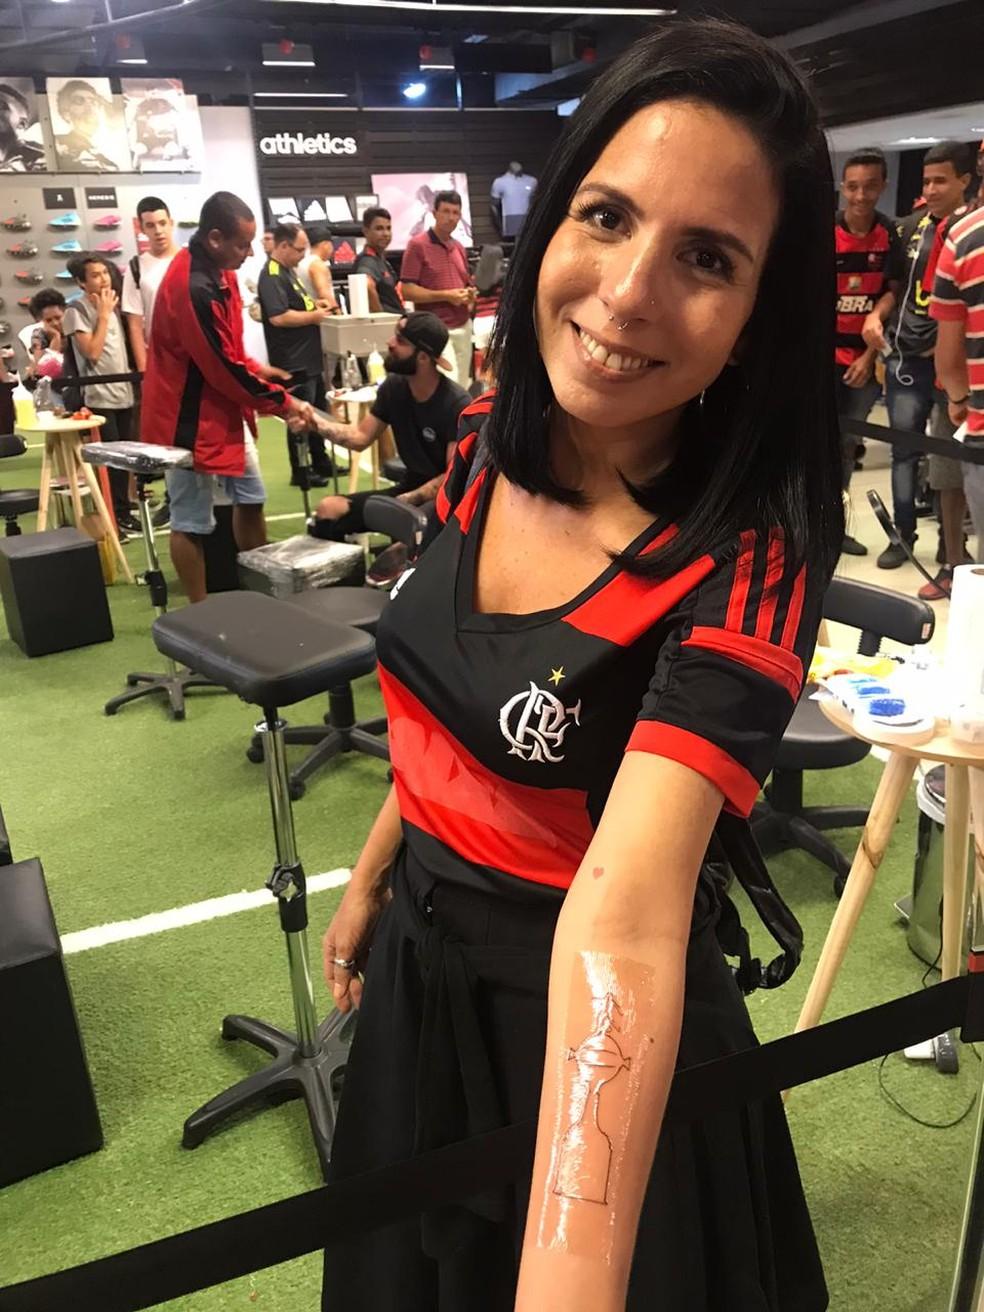 Torcedora faltou ao trabalho para fazer a tatuagem  — Foto: Raísa Pires/G1 Rio